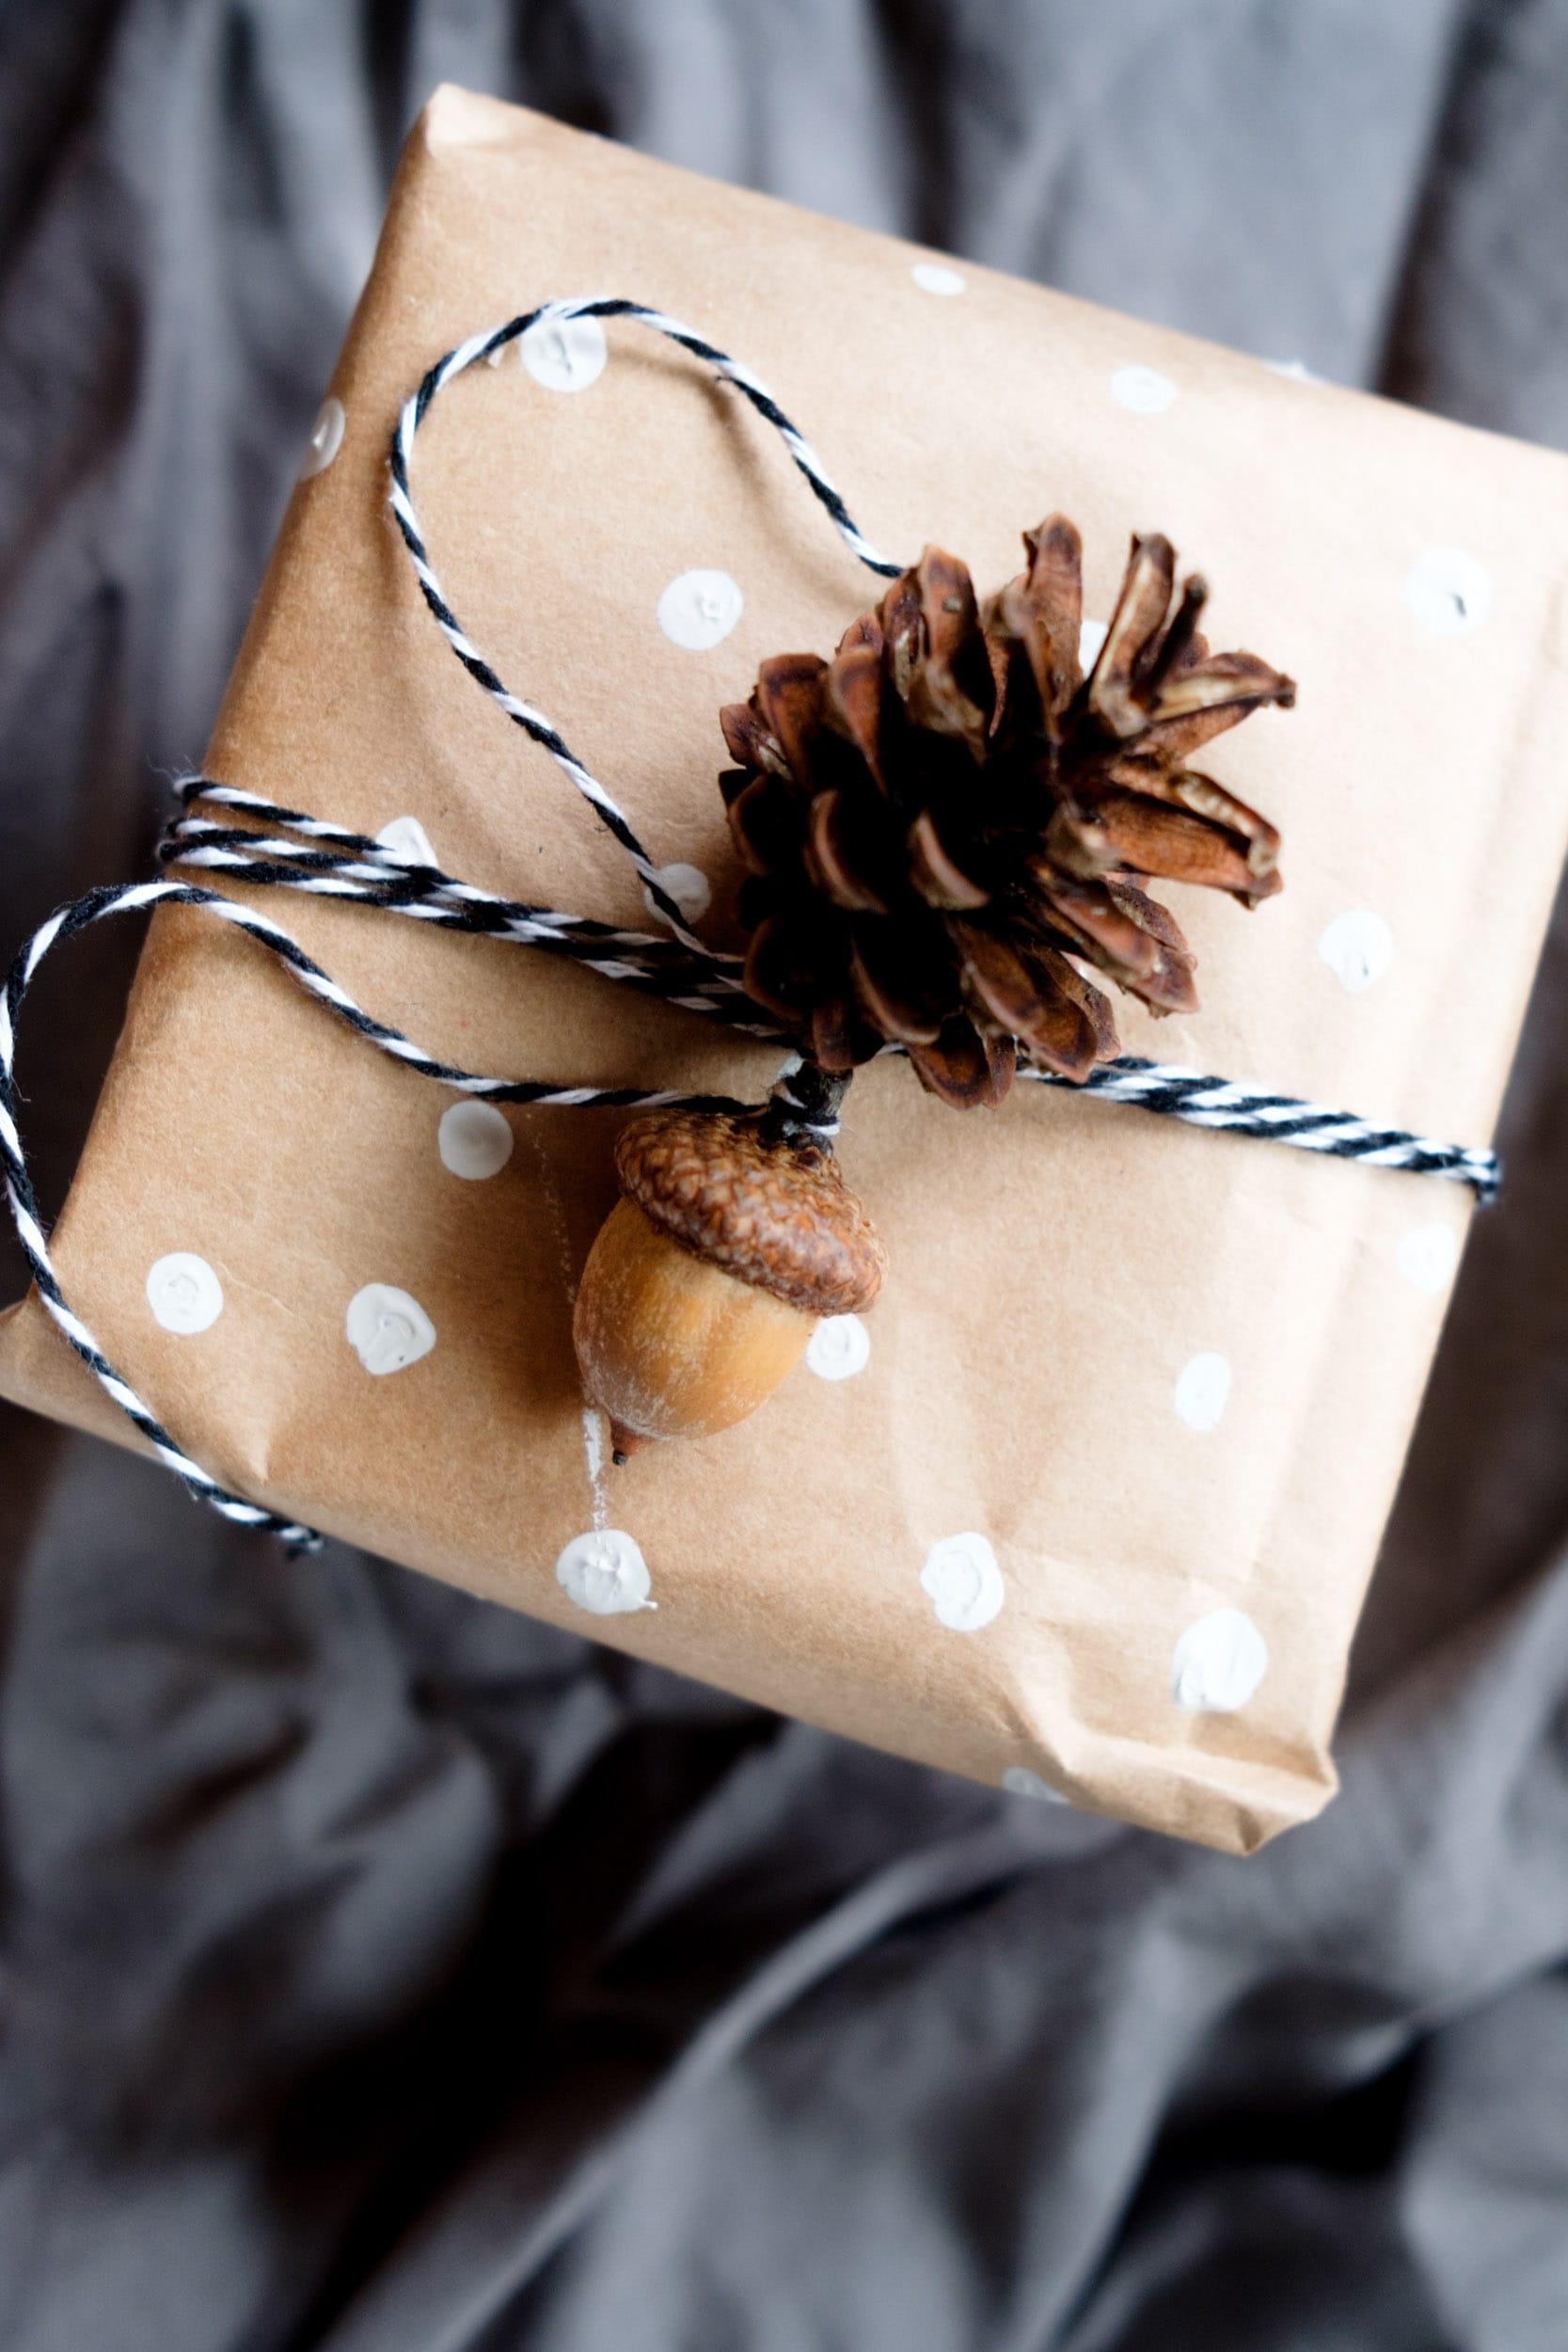 Geschenke nachhaltig verpacken | Nachhaltige Geschenkverpackungen | Zero Waste | Low Waste | Geschenke verpacken ohne Geschenkpapier | Upcycling | Recycling | Umweltfreundlich | Alternative Geschenkverpackungen | Weihnachtsgeschenke | Geburtstagsgeschenke | Naturdeko | Altpapier | Geschenkpapier selbst bemalen | Tannenzapfen | Eicheln | ivy.li